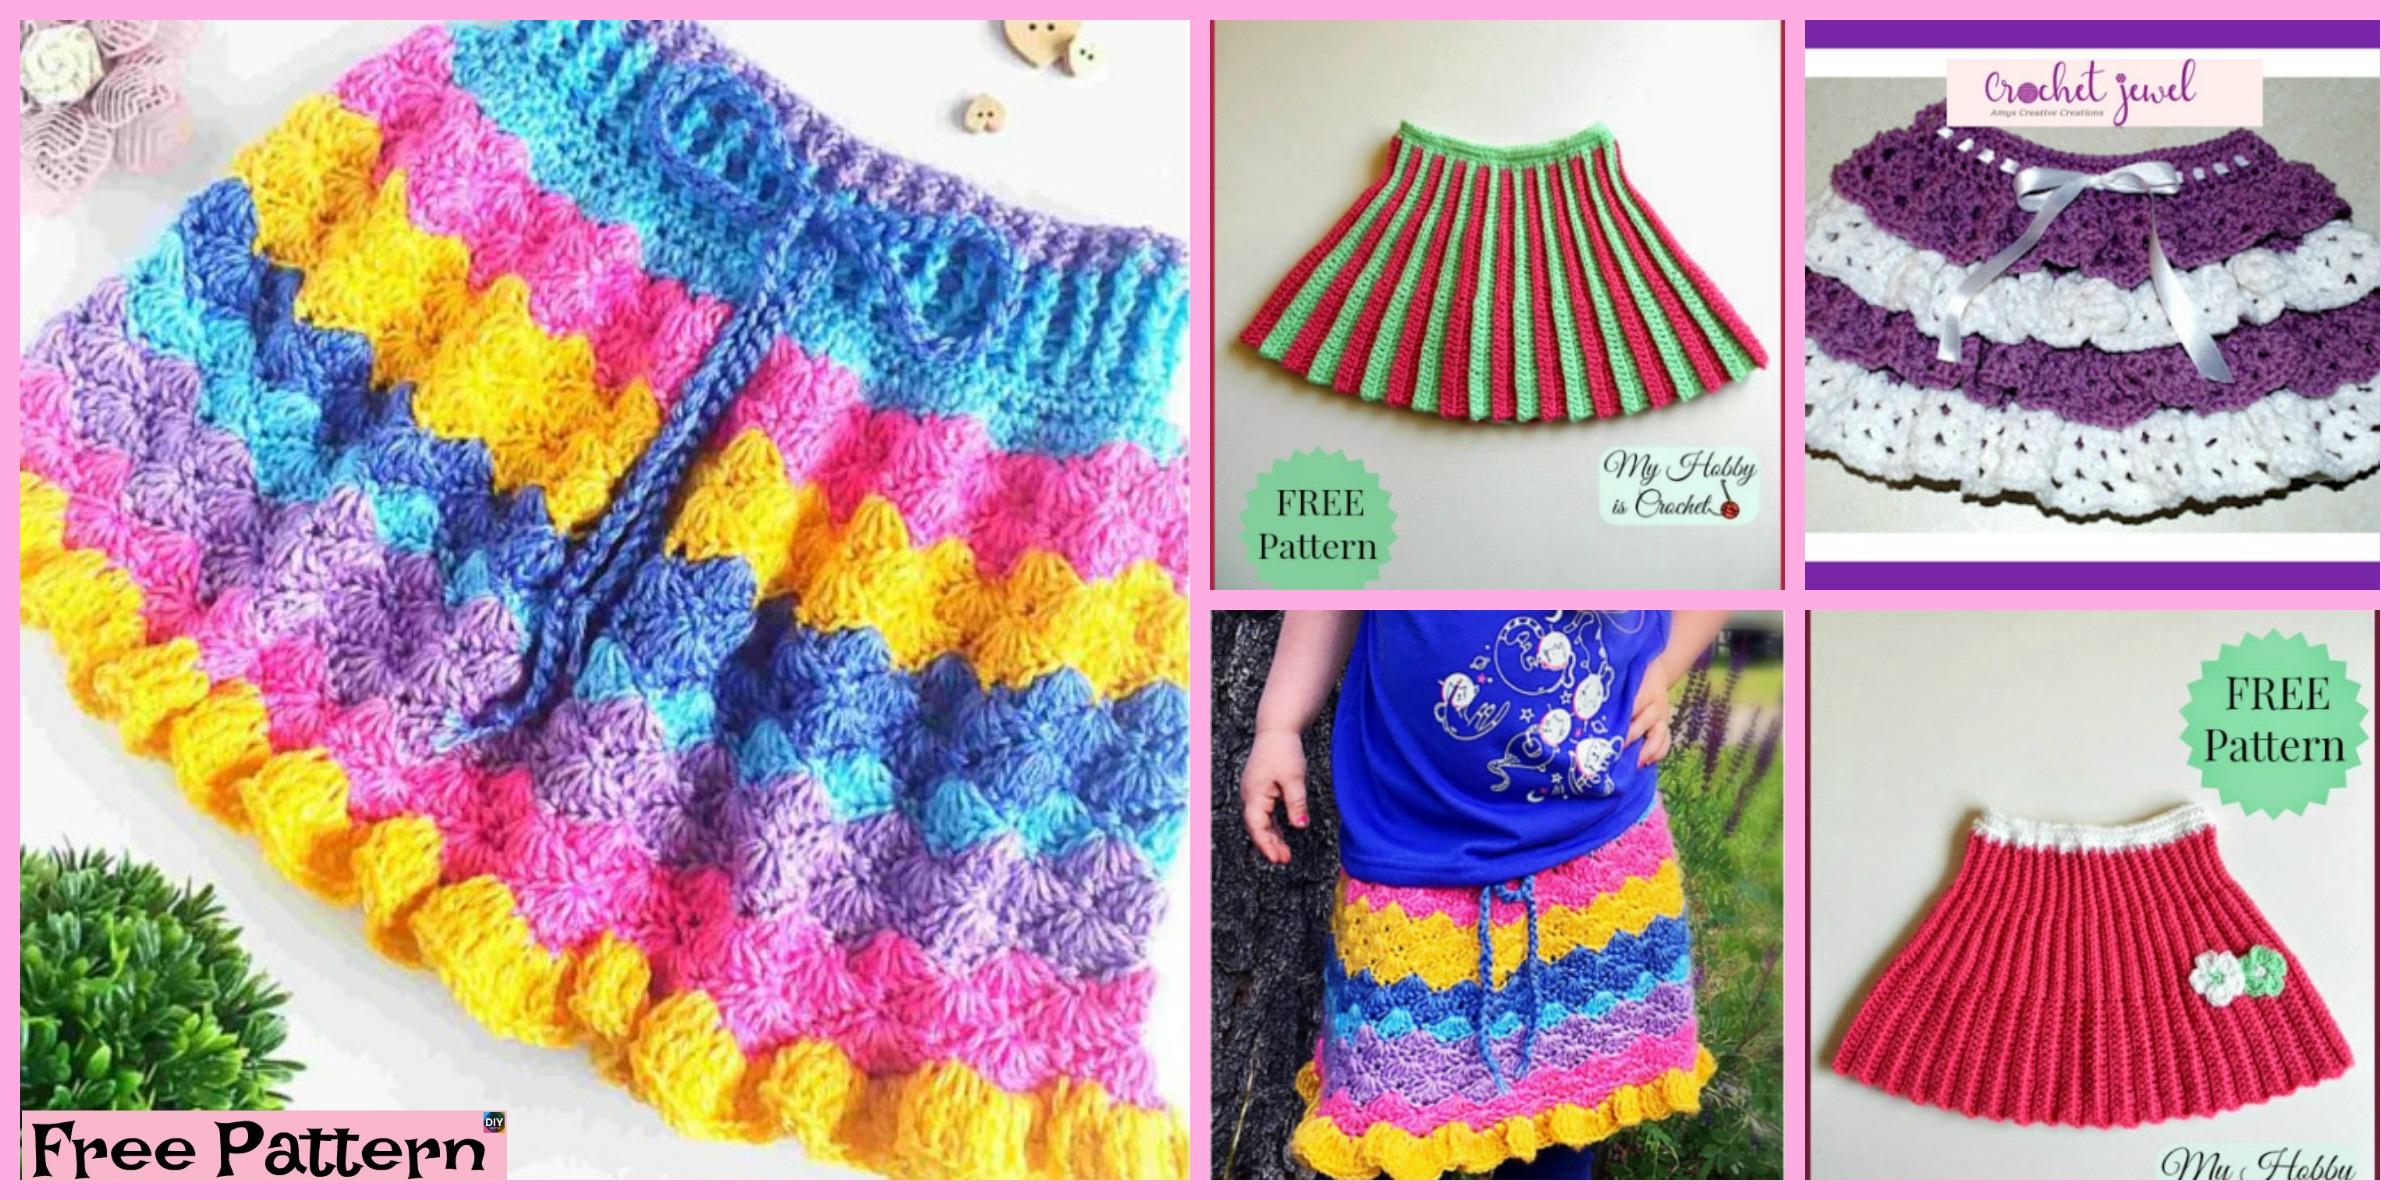 Crochet Pretty Skirt for Girl – Free Pattern